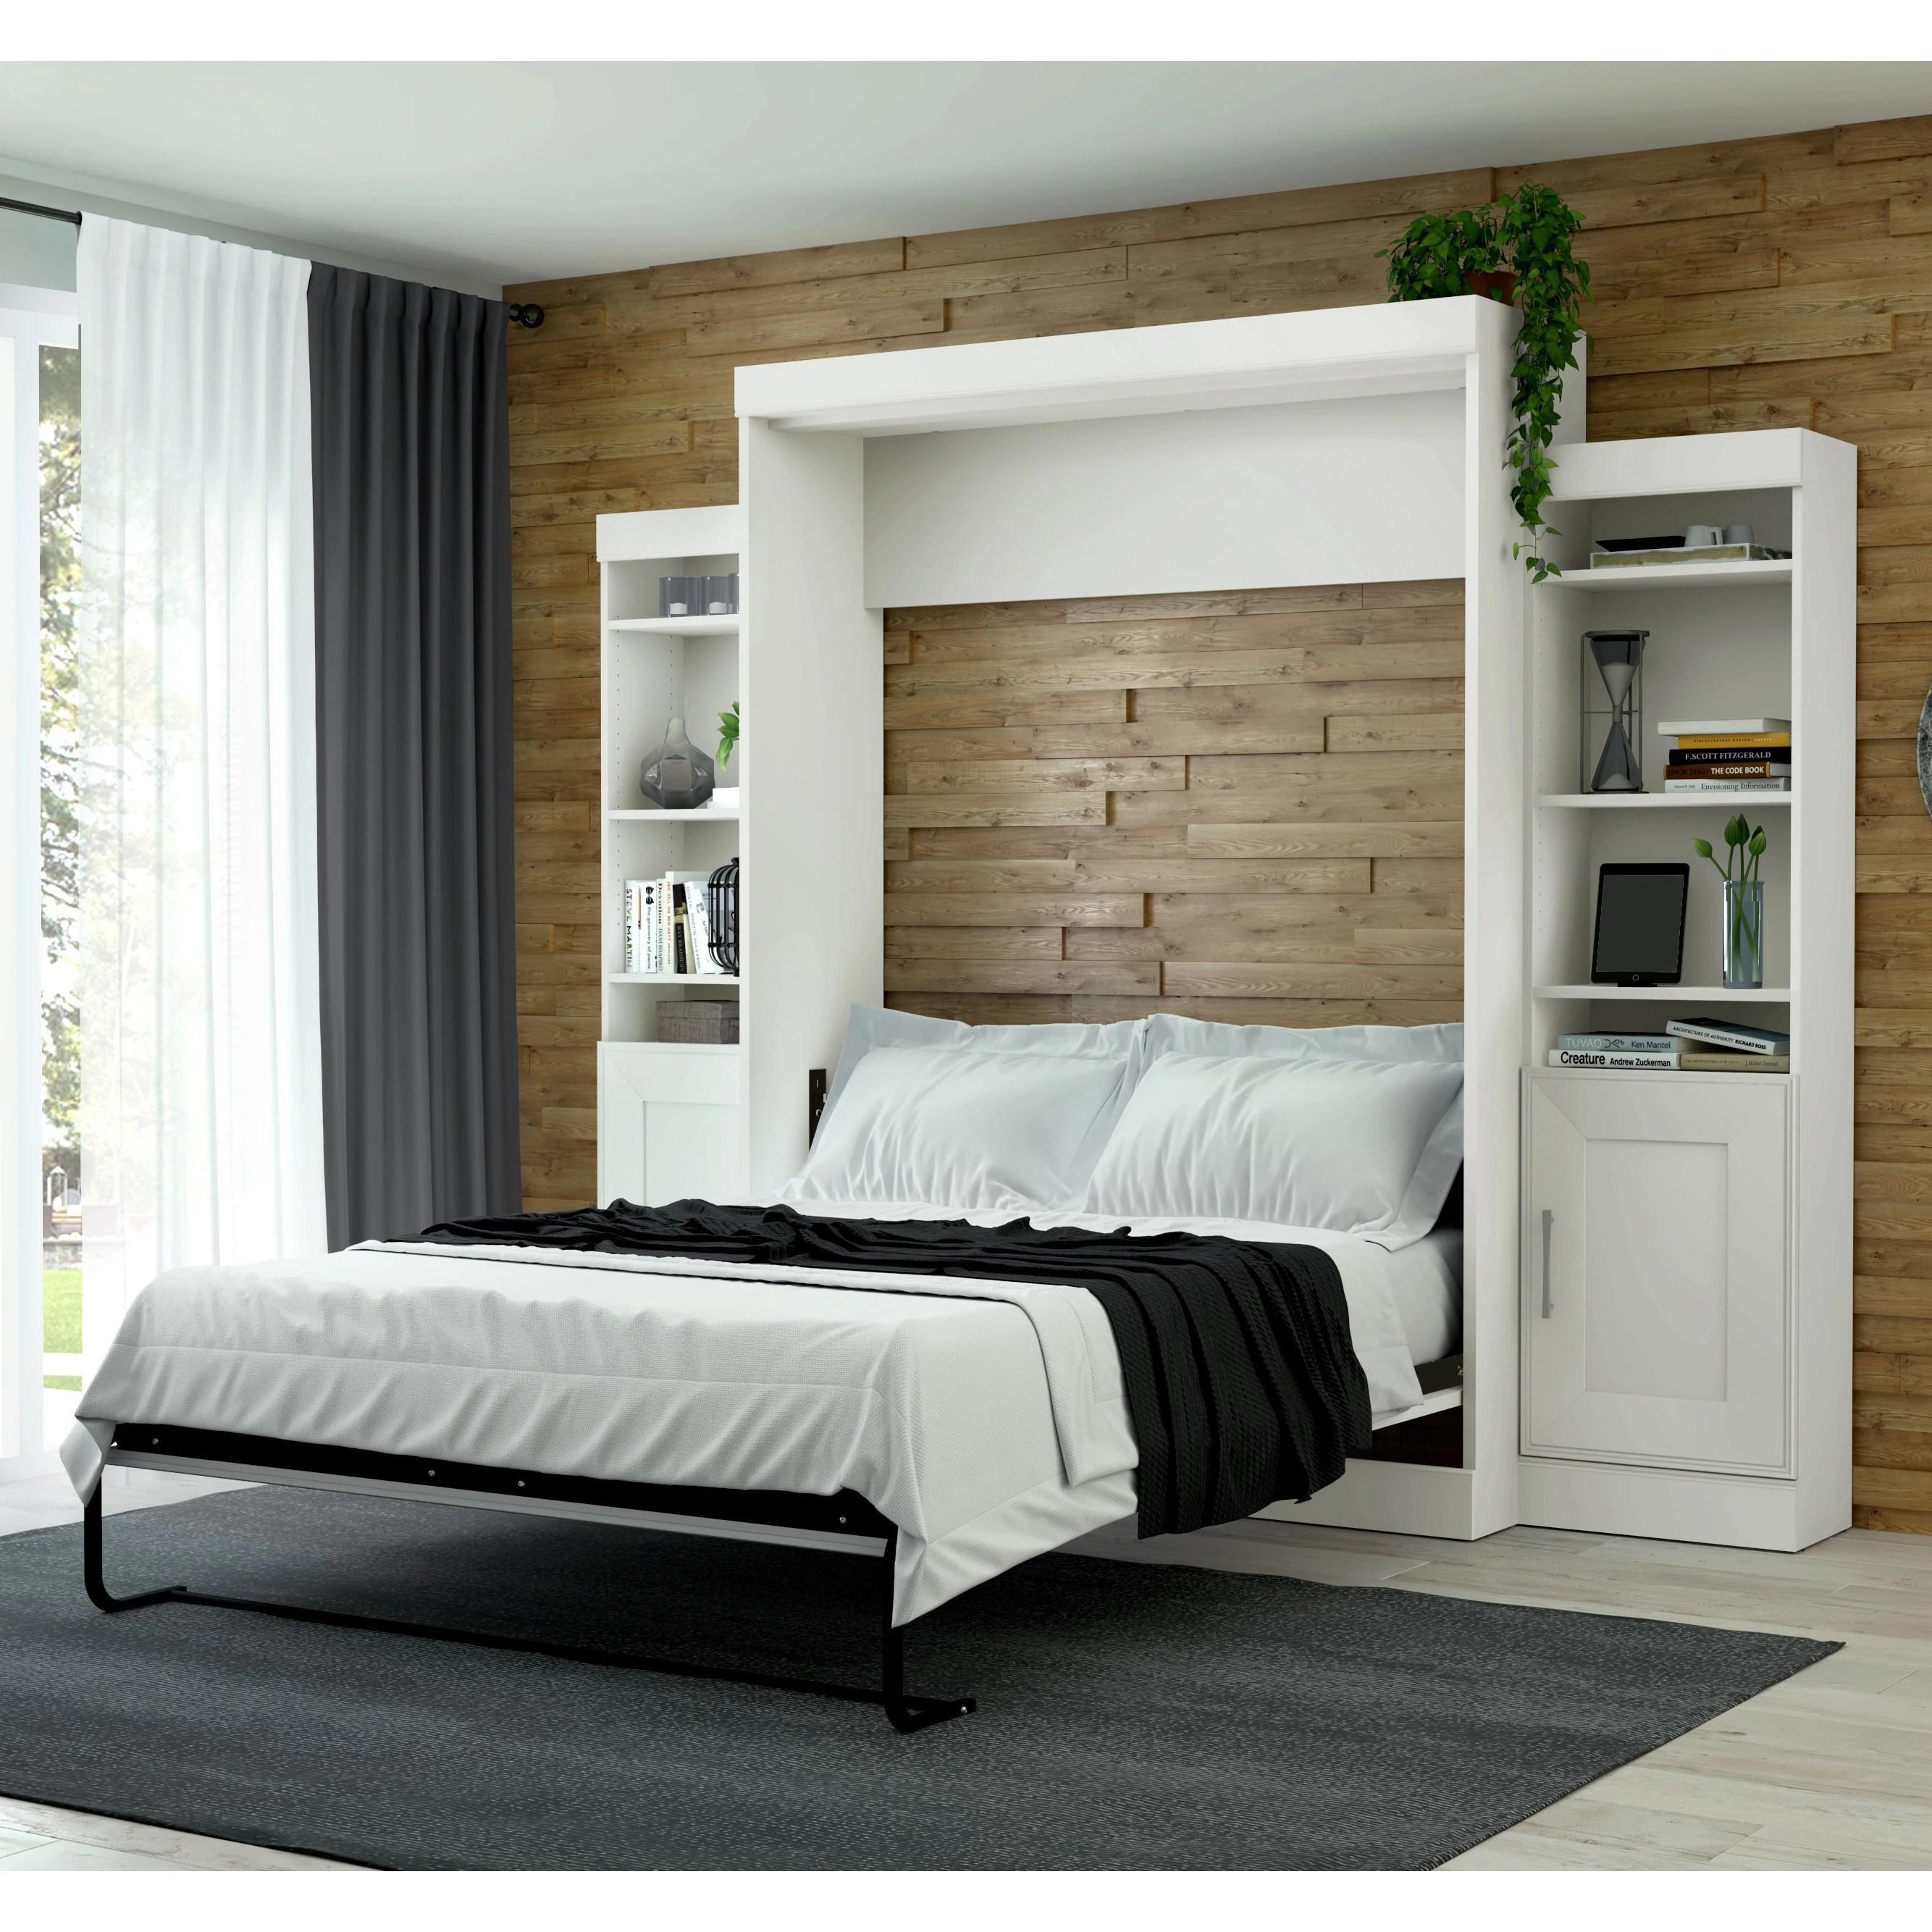 Buy Murphy Bed Online At Overstock Our Best Bedroom